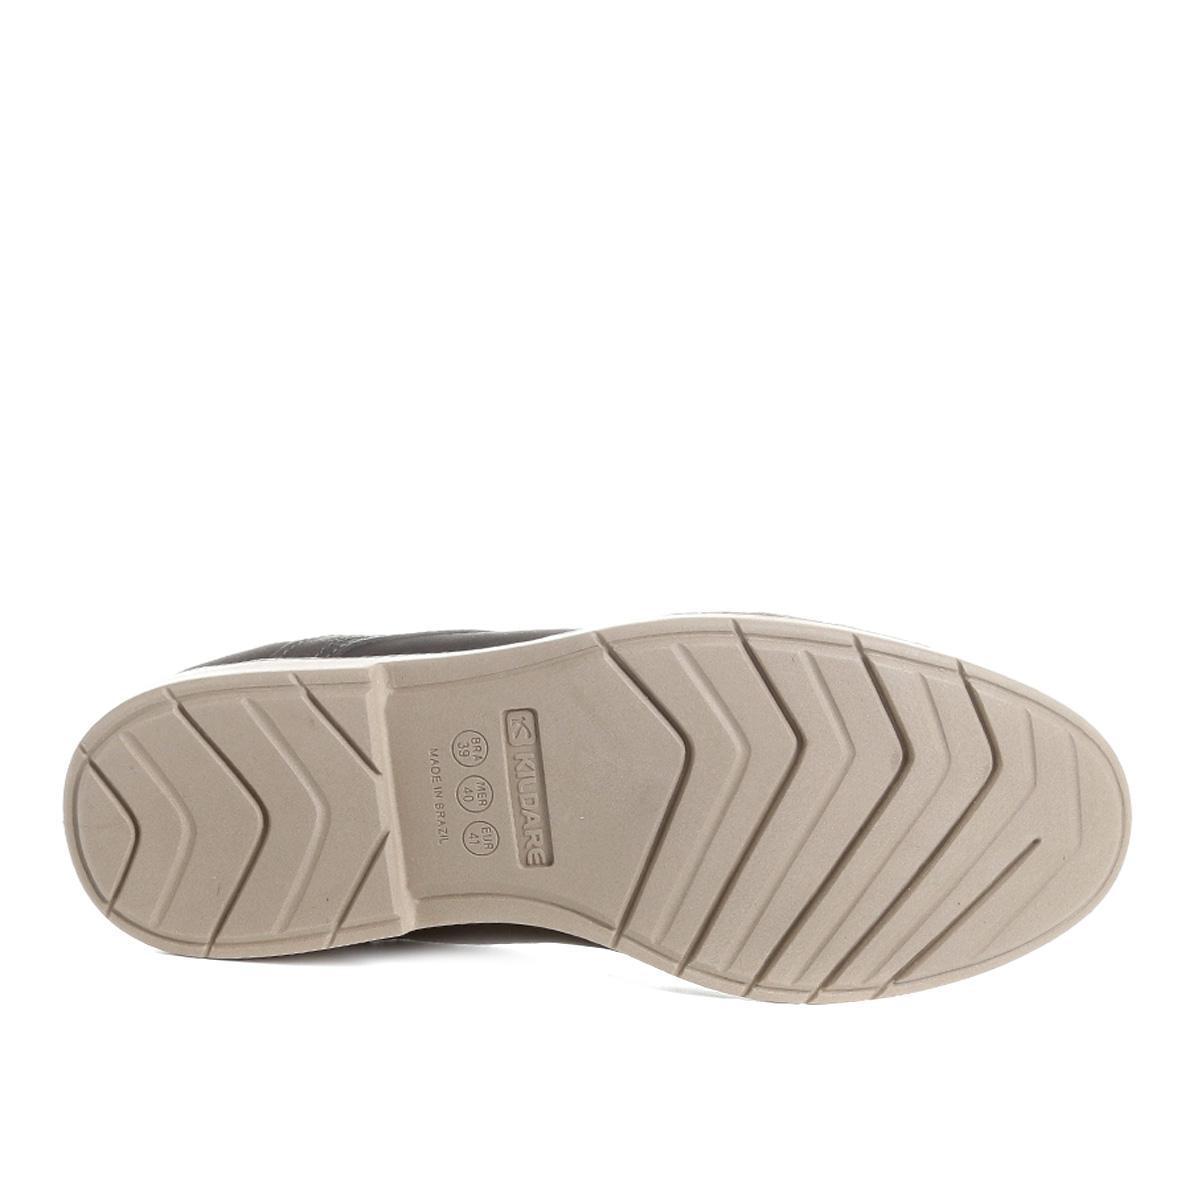 5770cd076737b Sapato Casual Couro Kildare com Cadarço Masculino R$ 249,99 à vista.  Adicionar à sacola